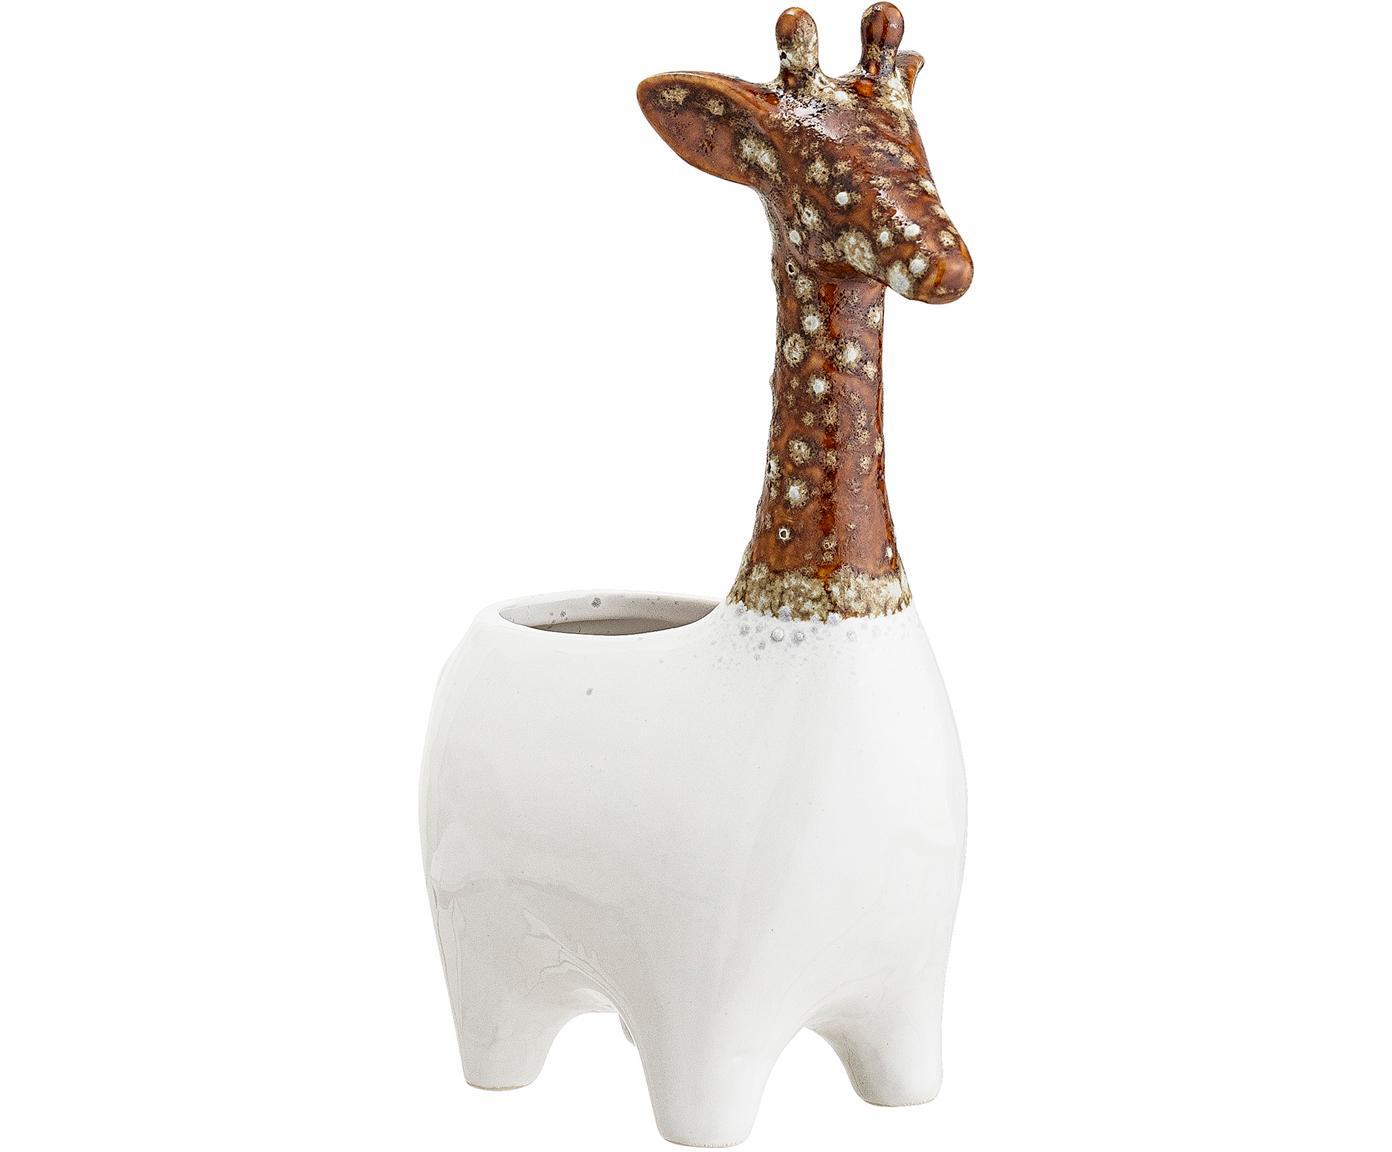 Portavaso fatto a mano Giraffe, Gres, Bianco, marrone, Larg. 17 x Alt. 25 cm